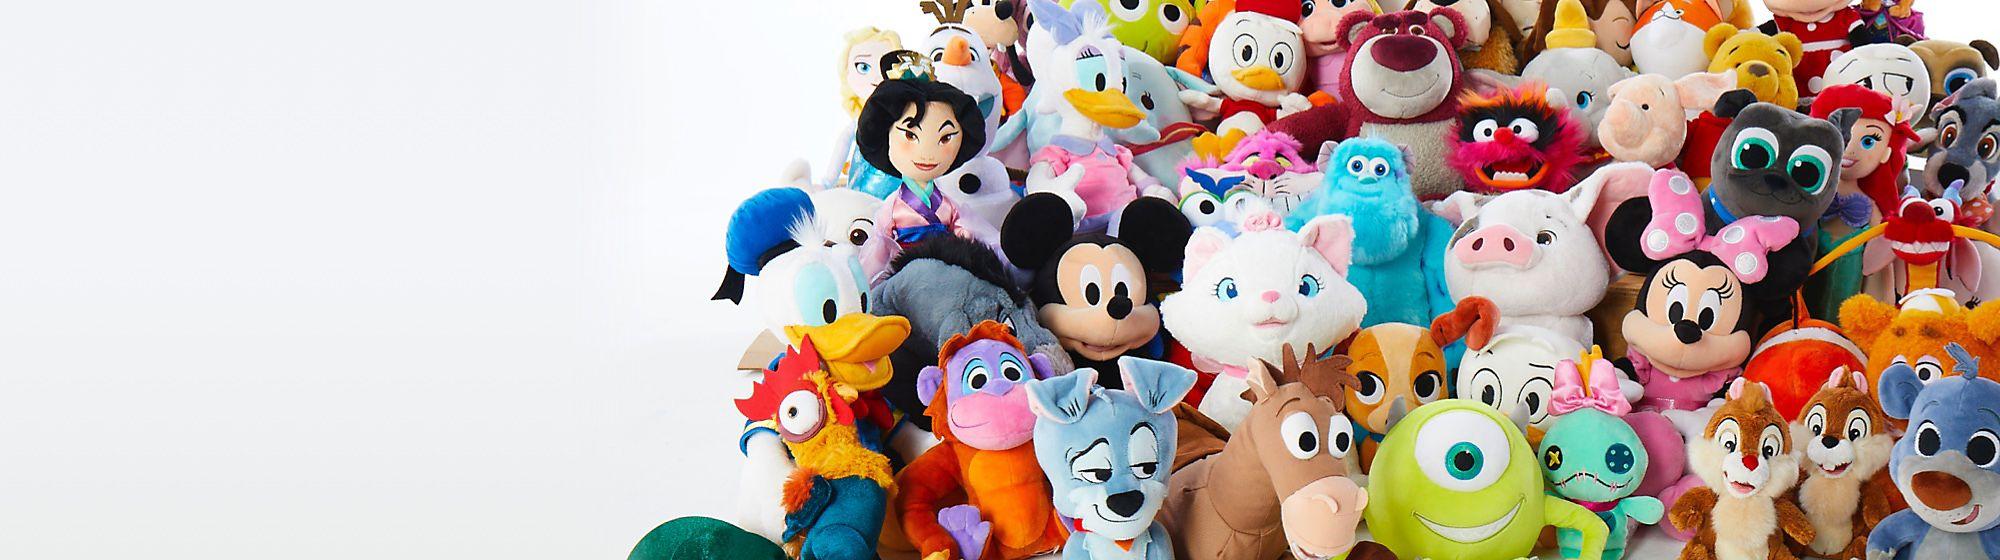 Peluches Les enfants adorent les peluches douces et mignonnes. Ces poupées, doudous et mini-peluches Cuddleez attendent d'être câlinées !